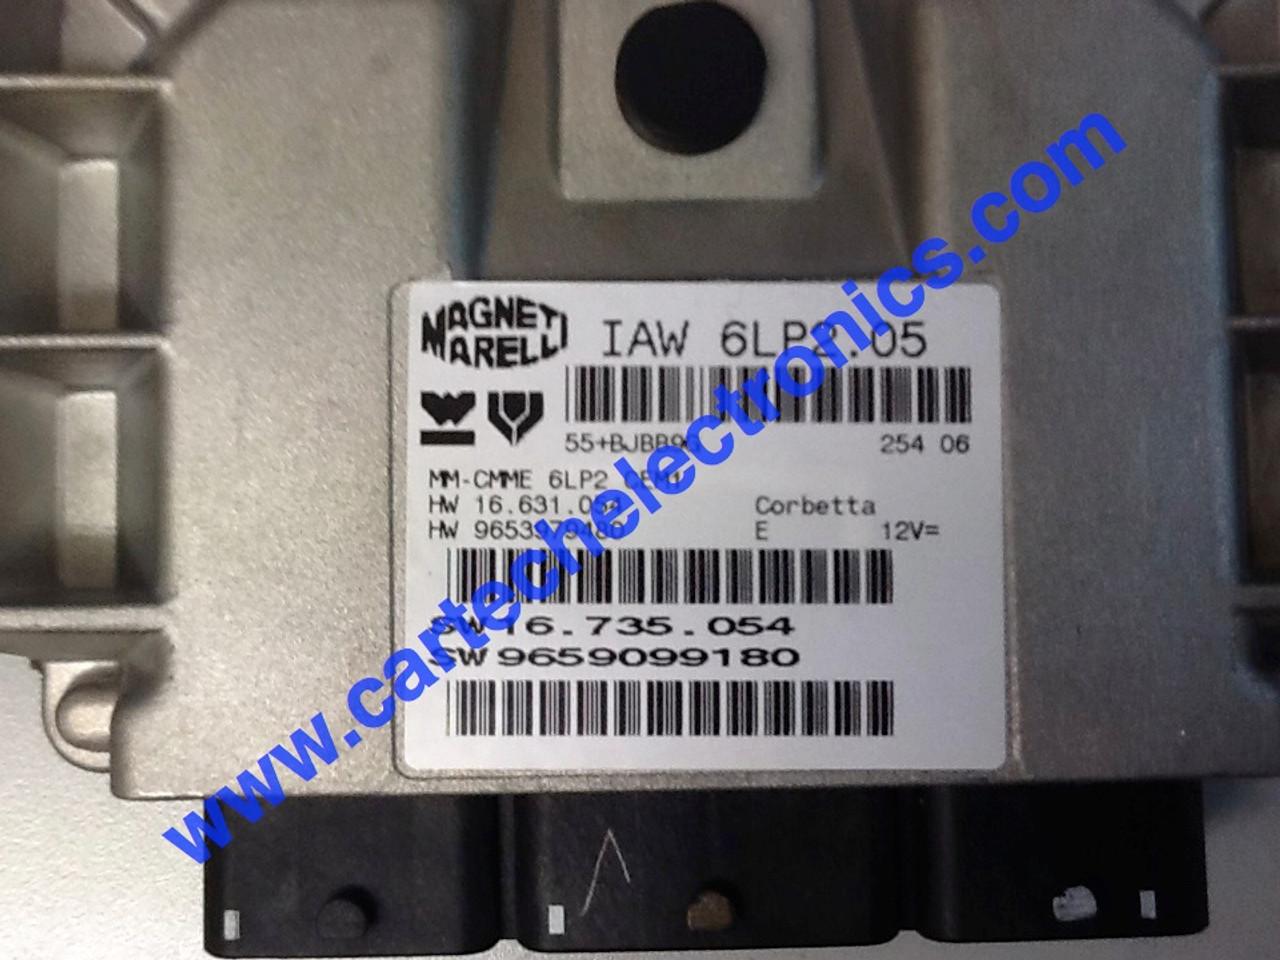 IAW 6LP2.05  HW 16.631.054  HW 9653979480  SW 16.735.054  SW 9659099180